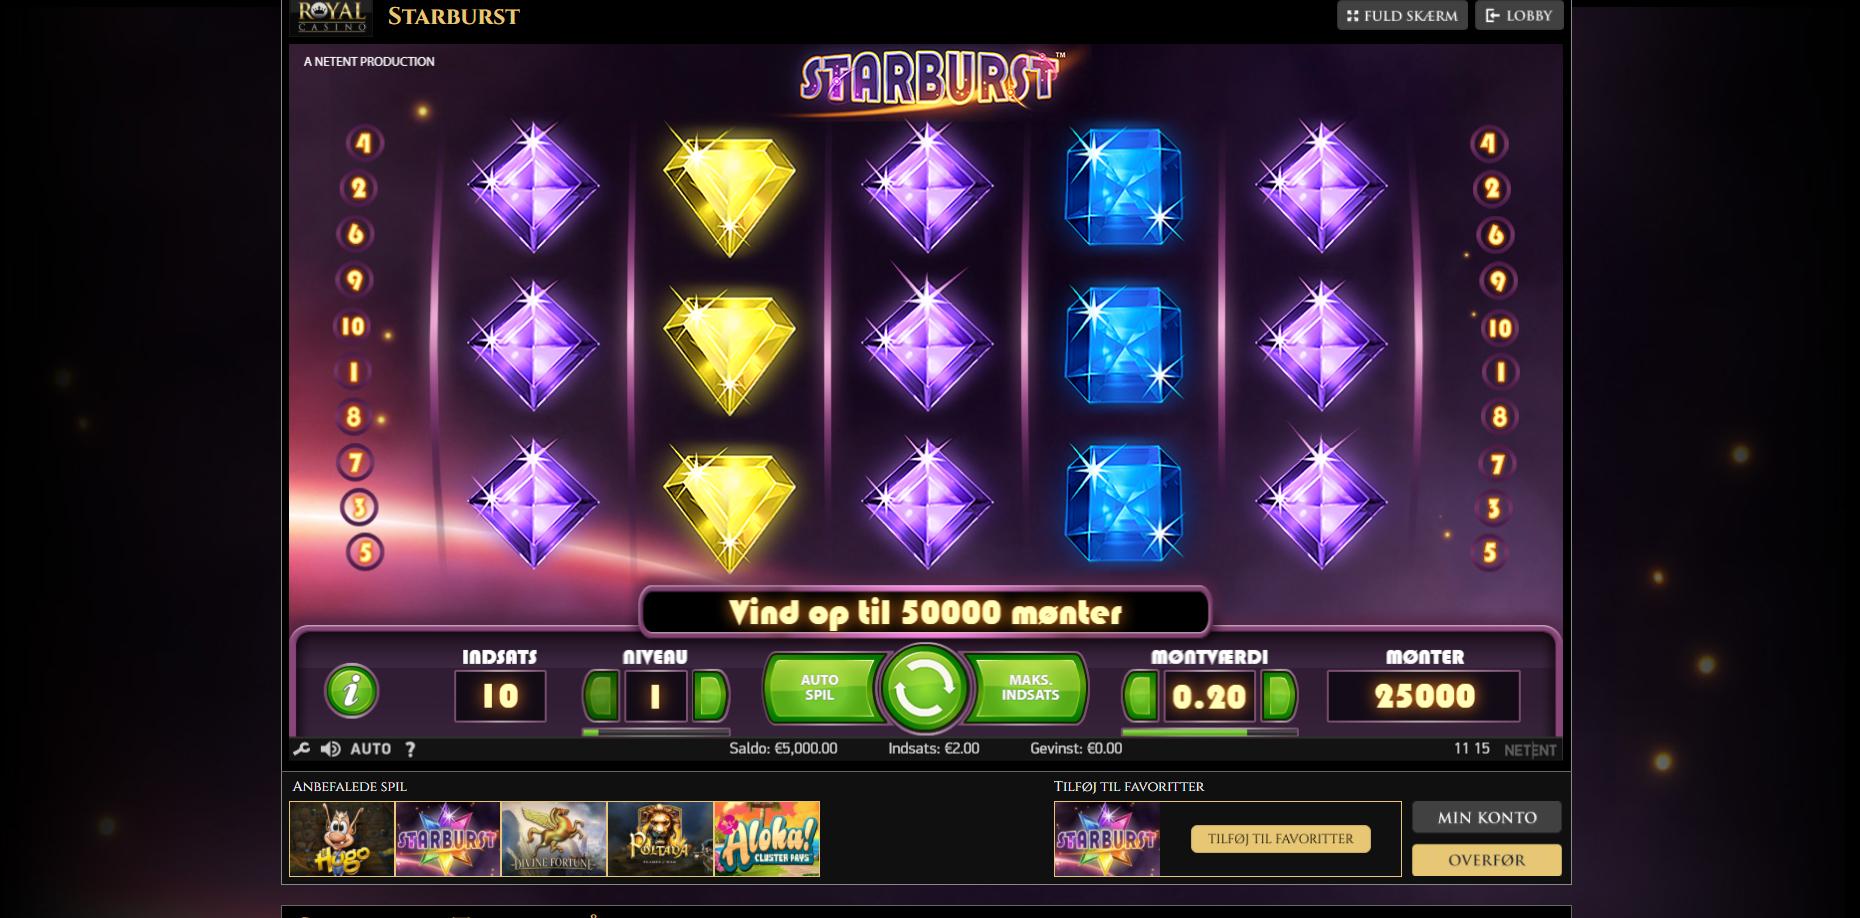 Royal Casino Starburst